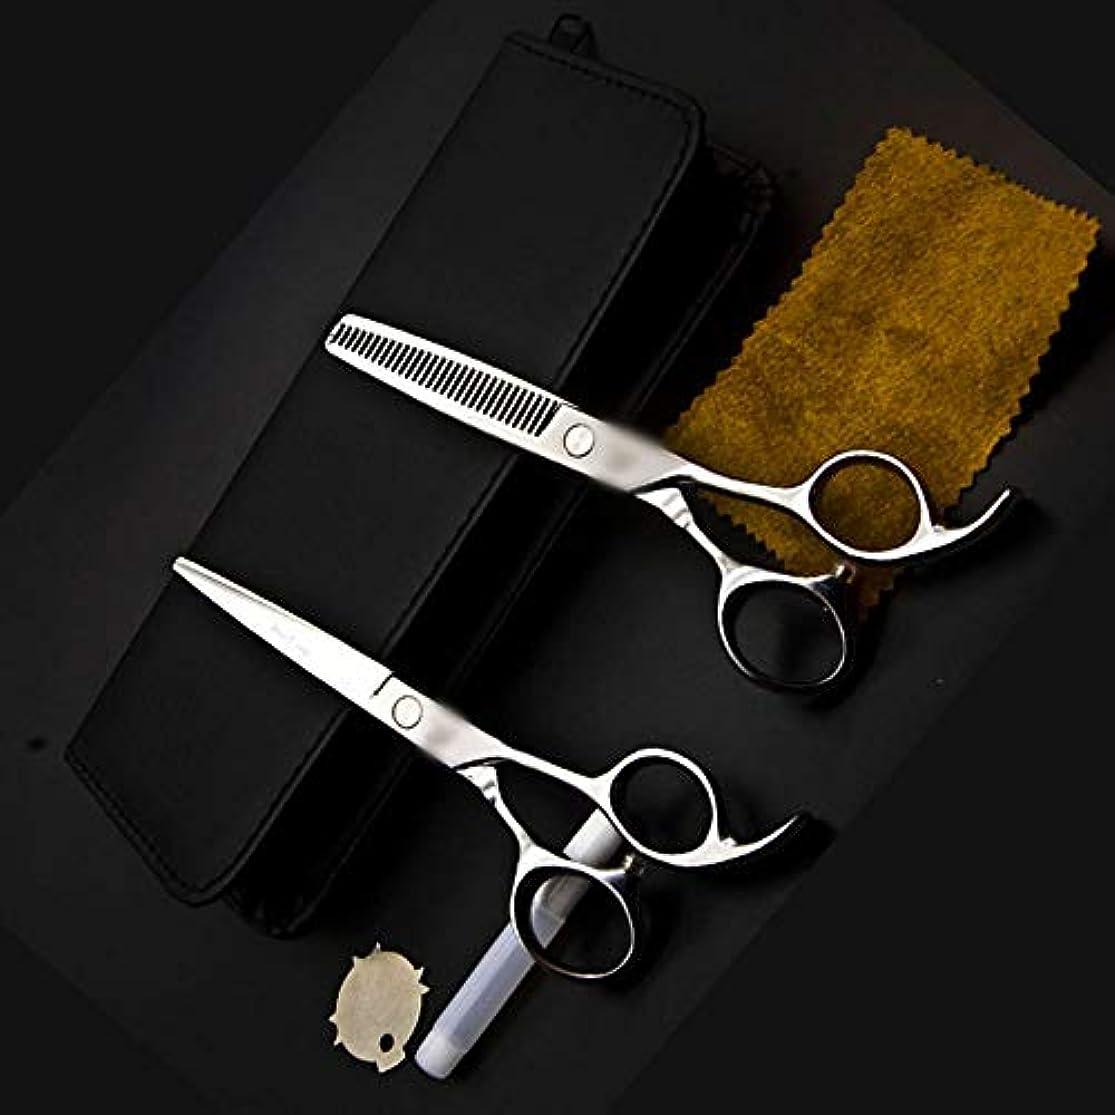 グラディス法医学無駄な6インチ美容院プロフェッショナル理髪はさみセット モデリングツール (色 : Silver)